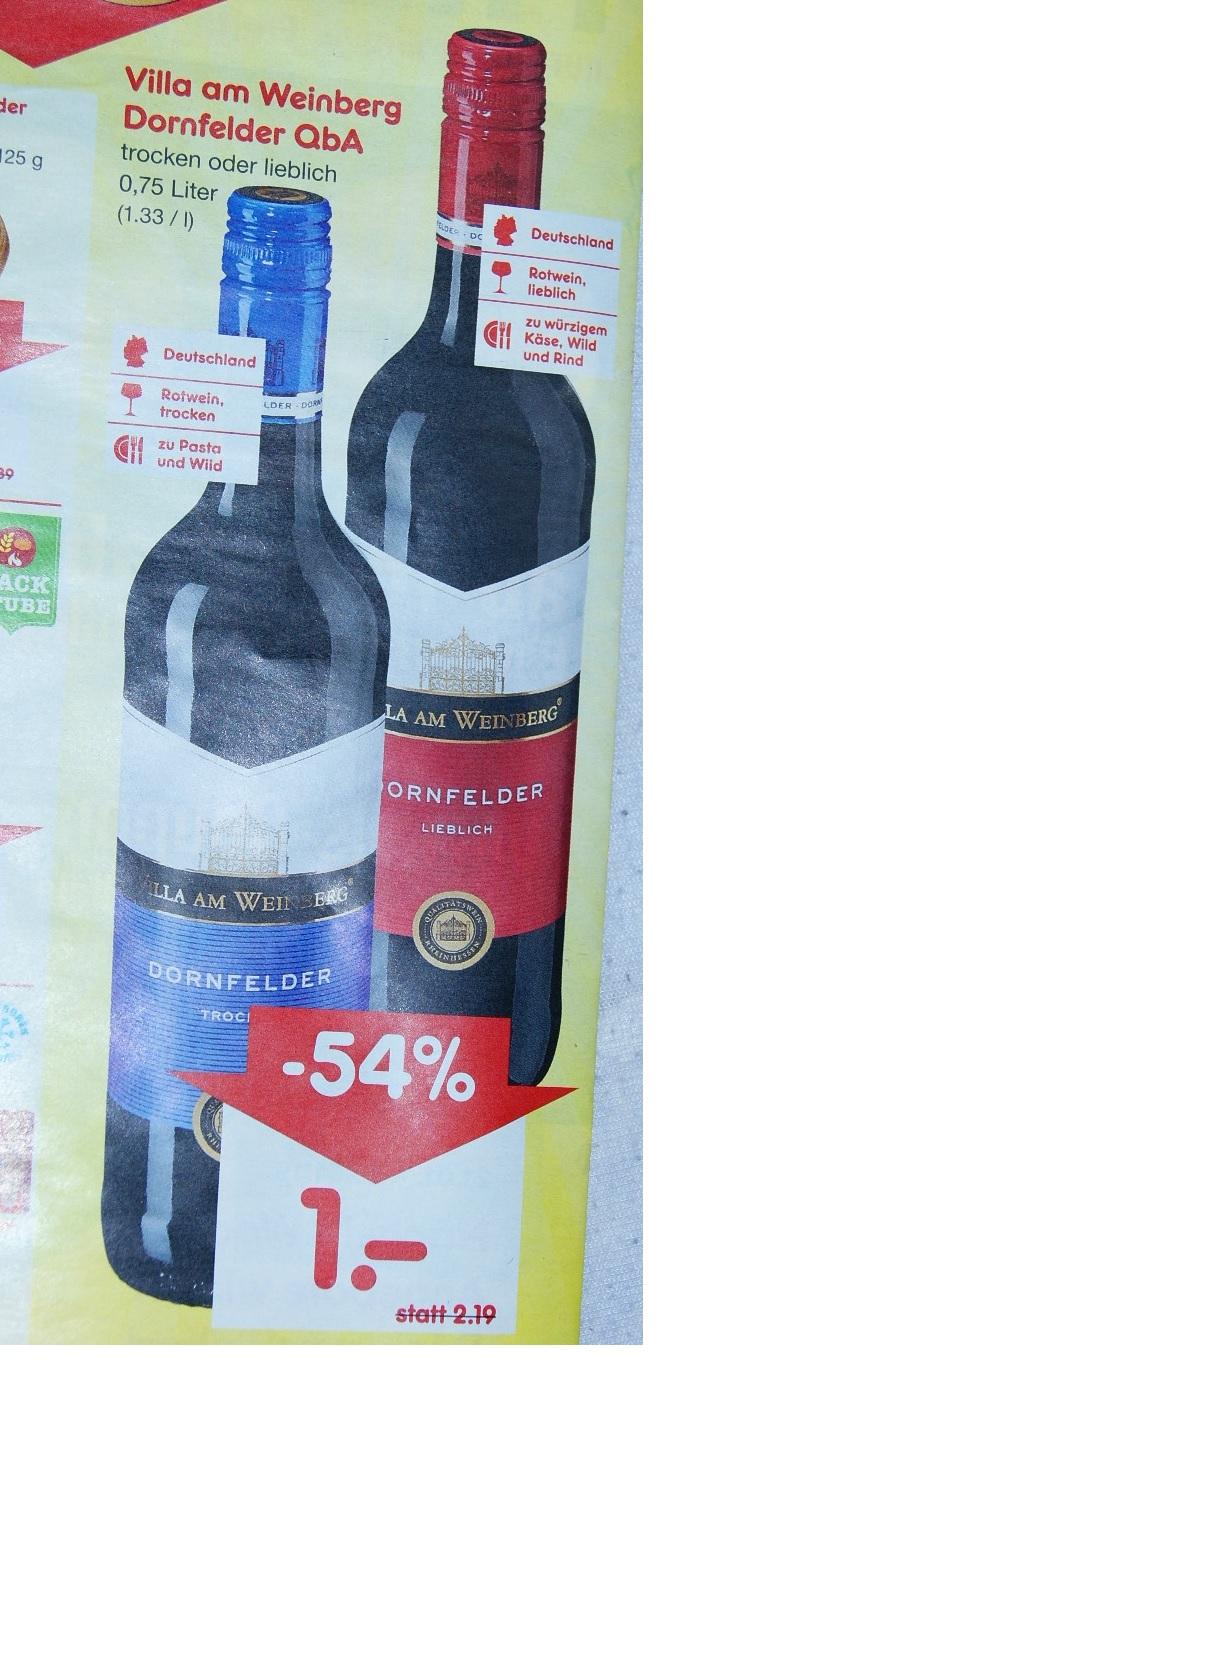 Dornfelder Wein 0,75 Liter für 1 € bei netto bundesweit am 19.1.19